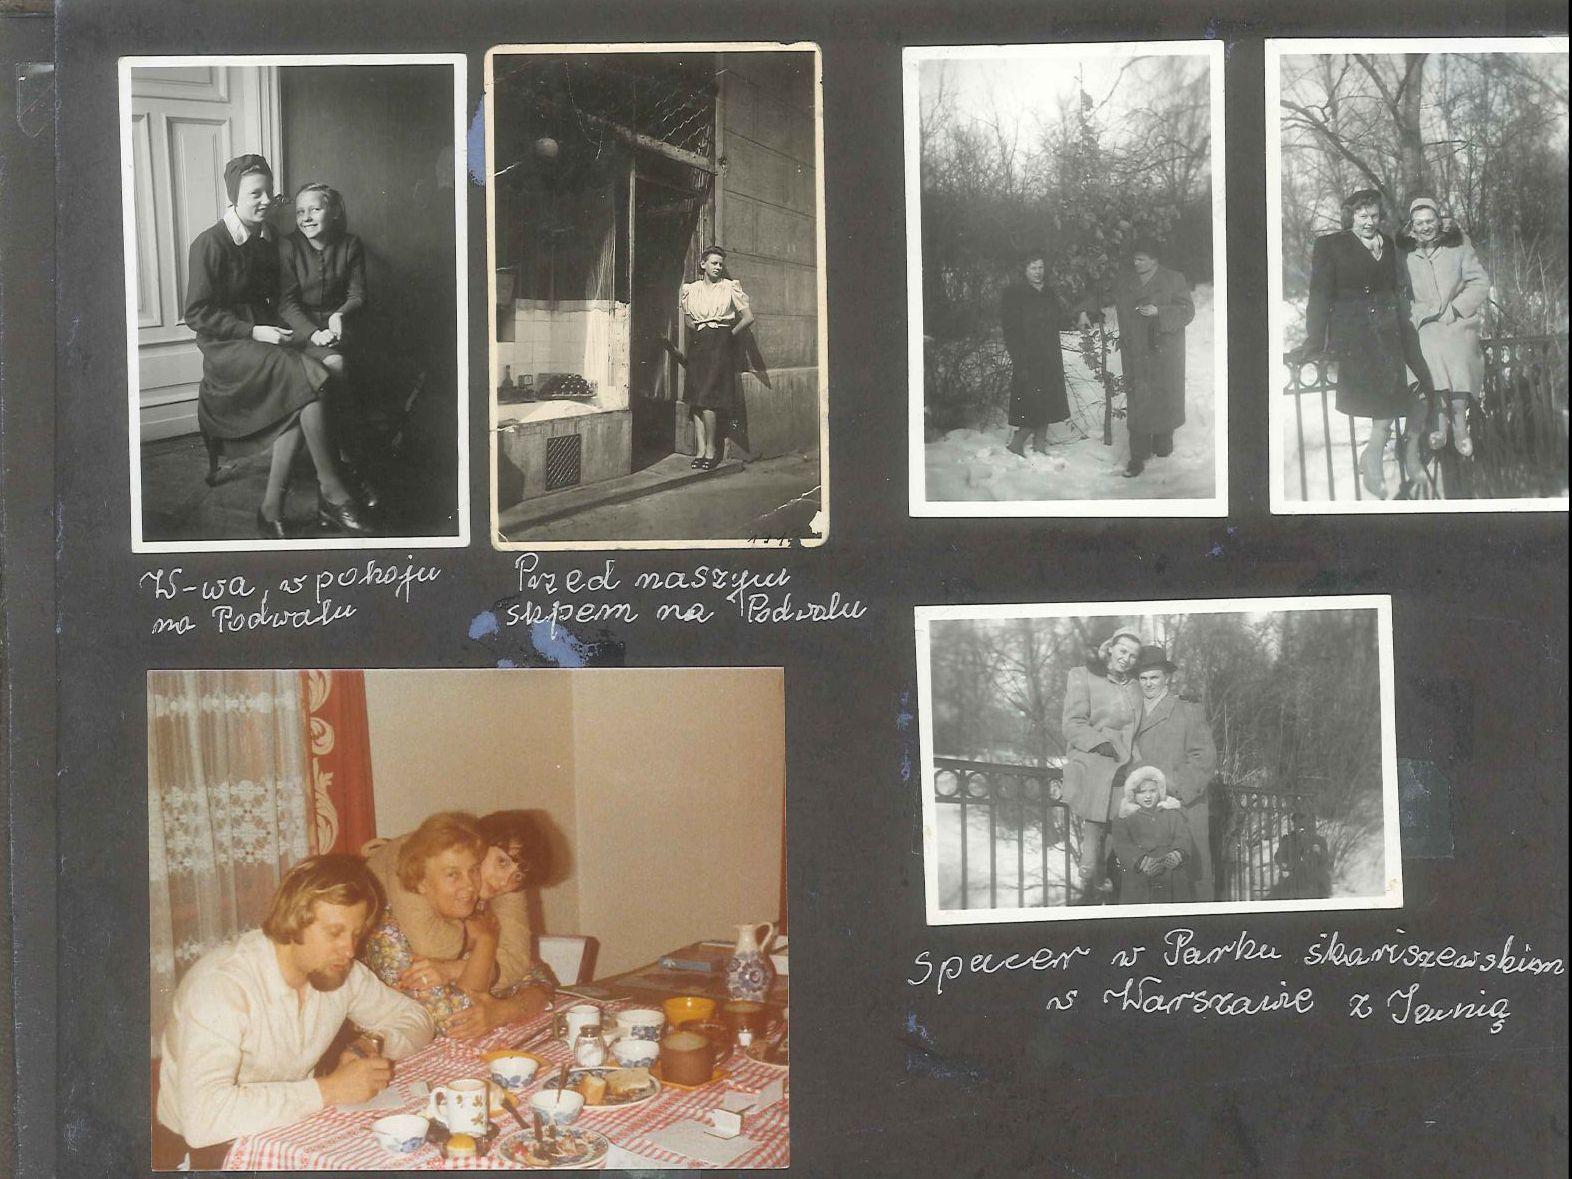 Zdjęcia rodzinne Balbiny Szymańskiej-Ignaczewskiej (fot. archiwum prywatne)